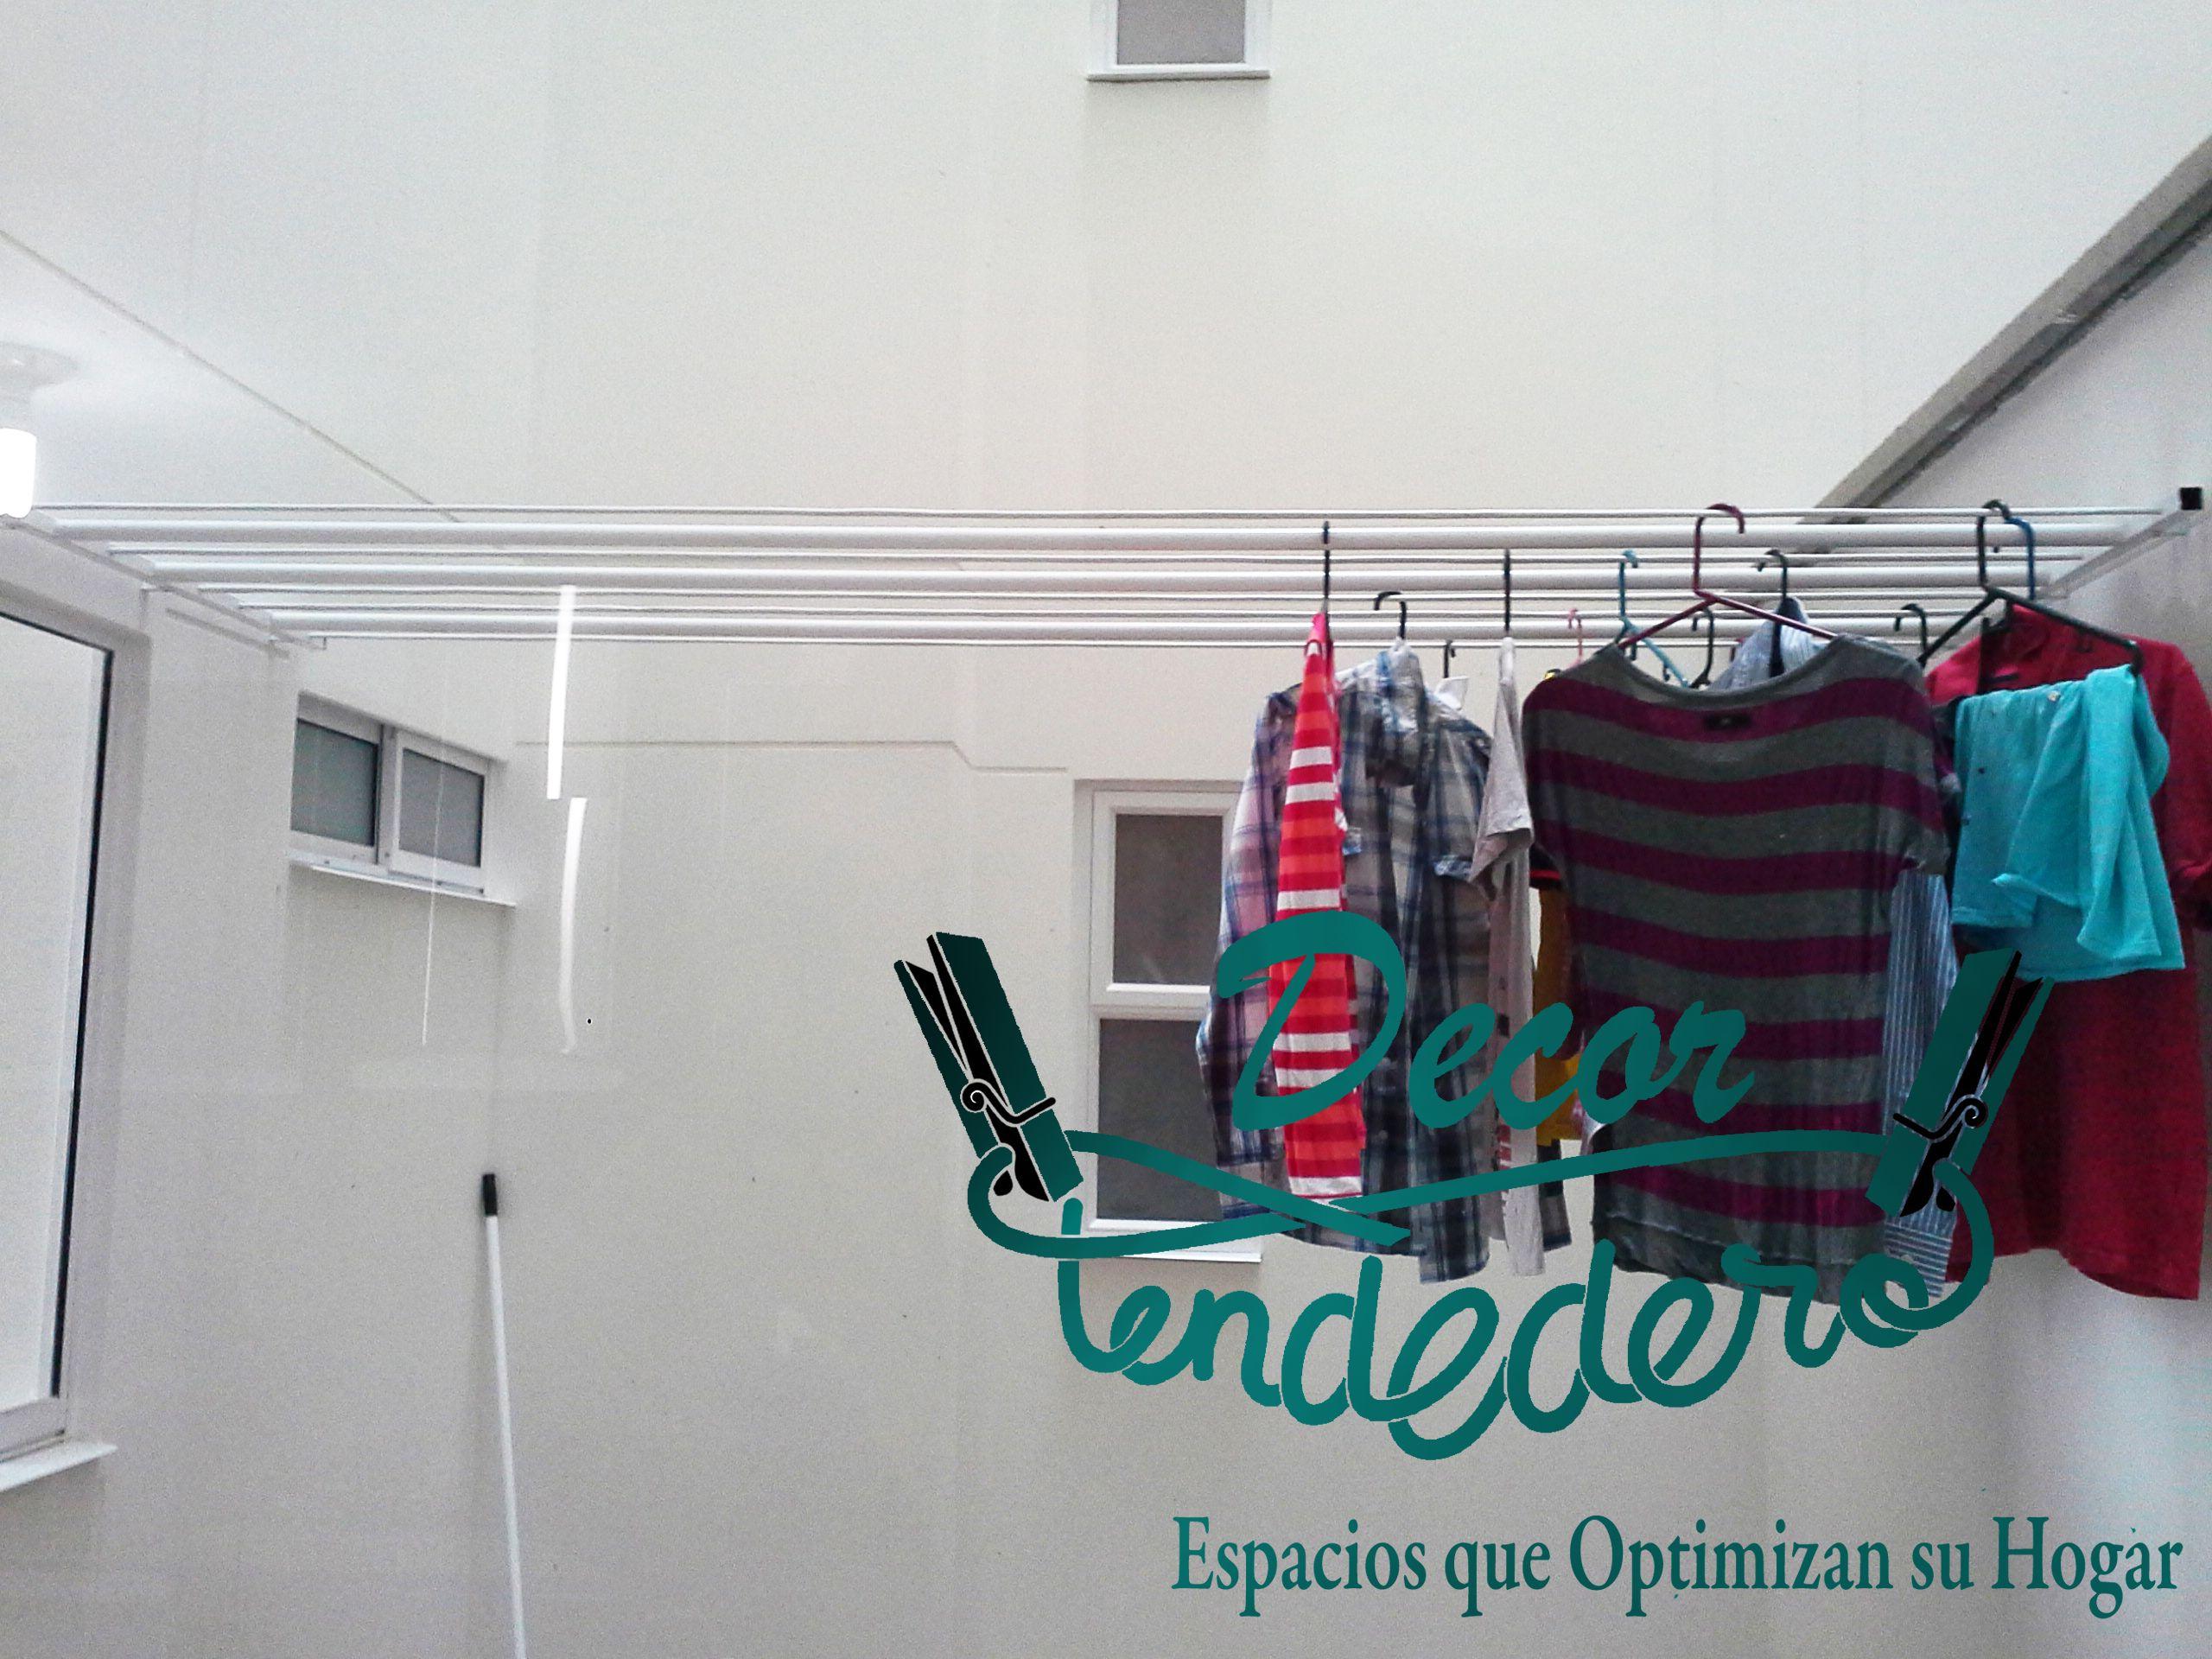 Tendedero muro a muro para el tendido de su ropa informes - Tendederos de balcon ...